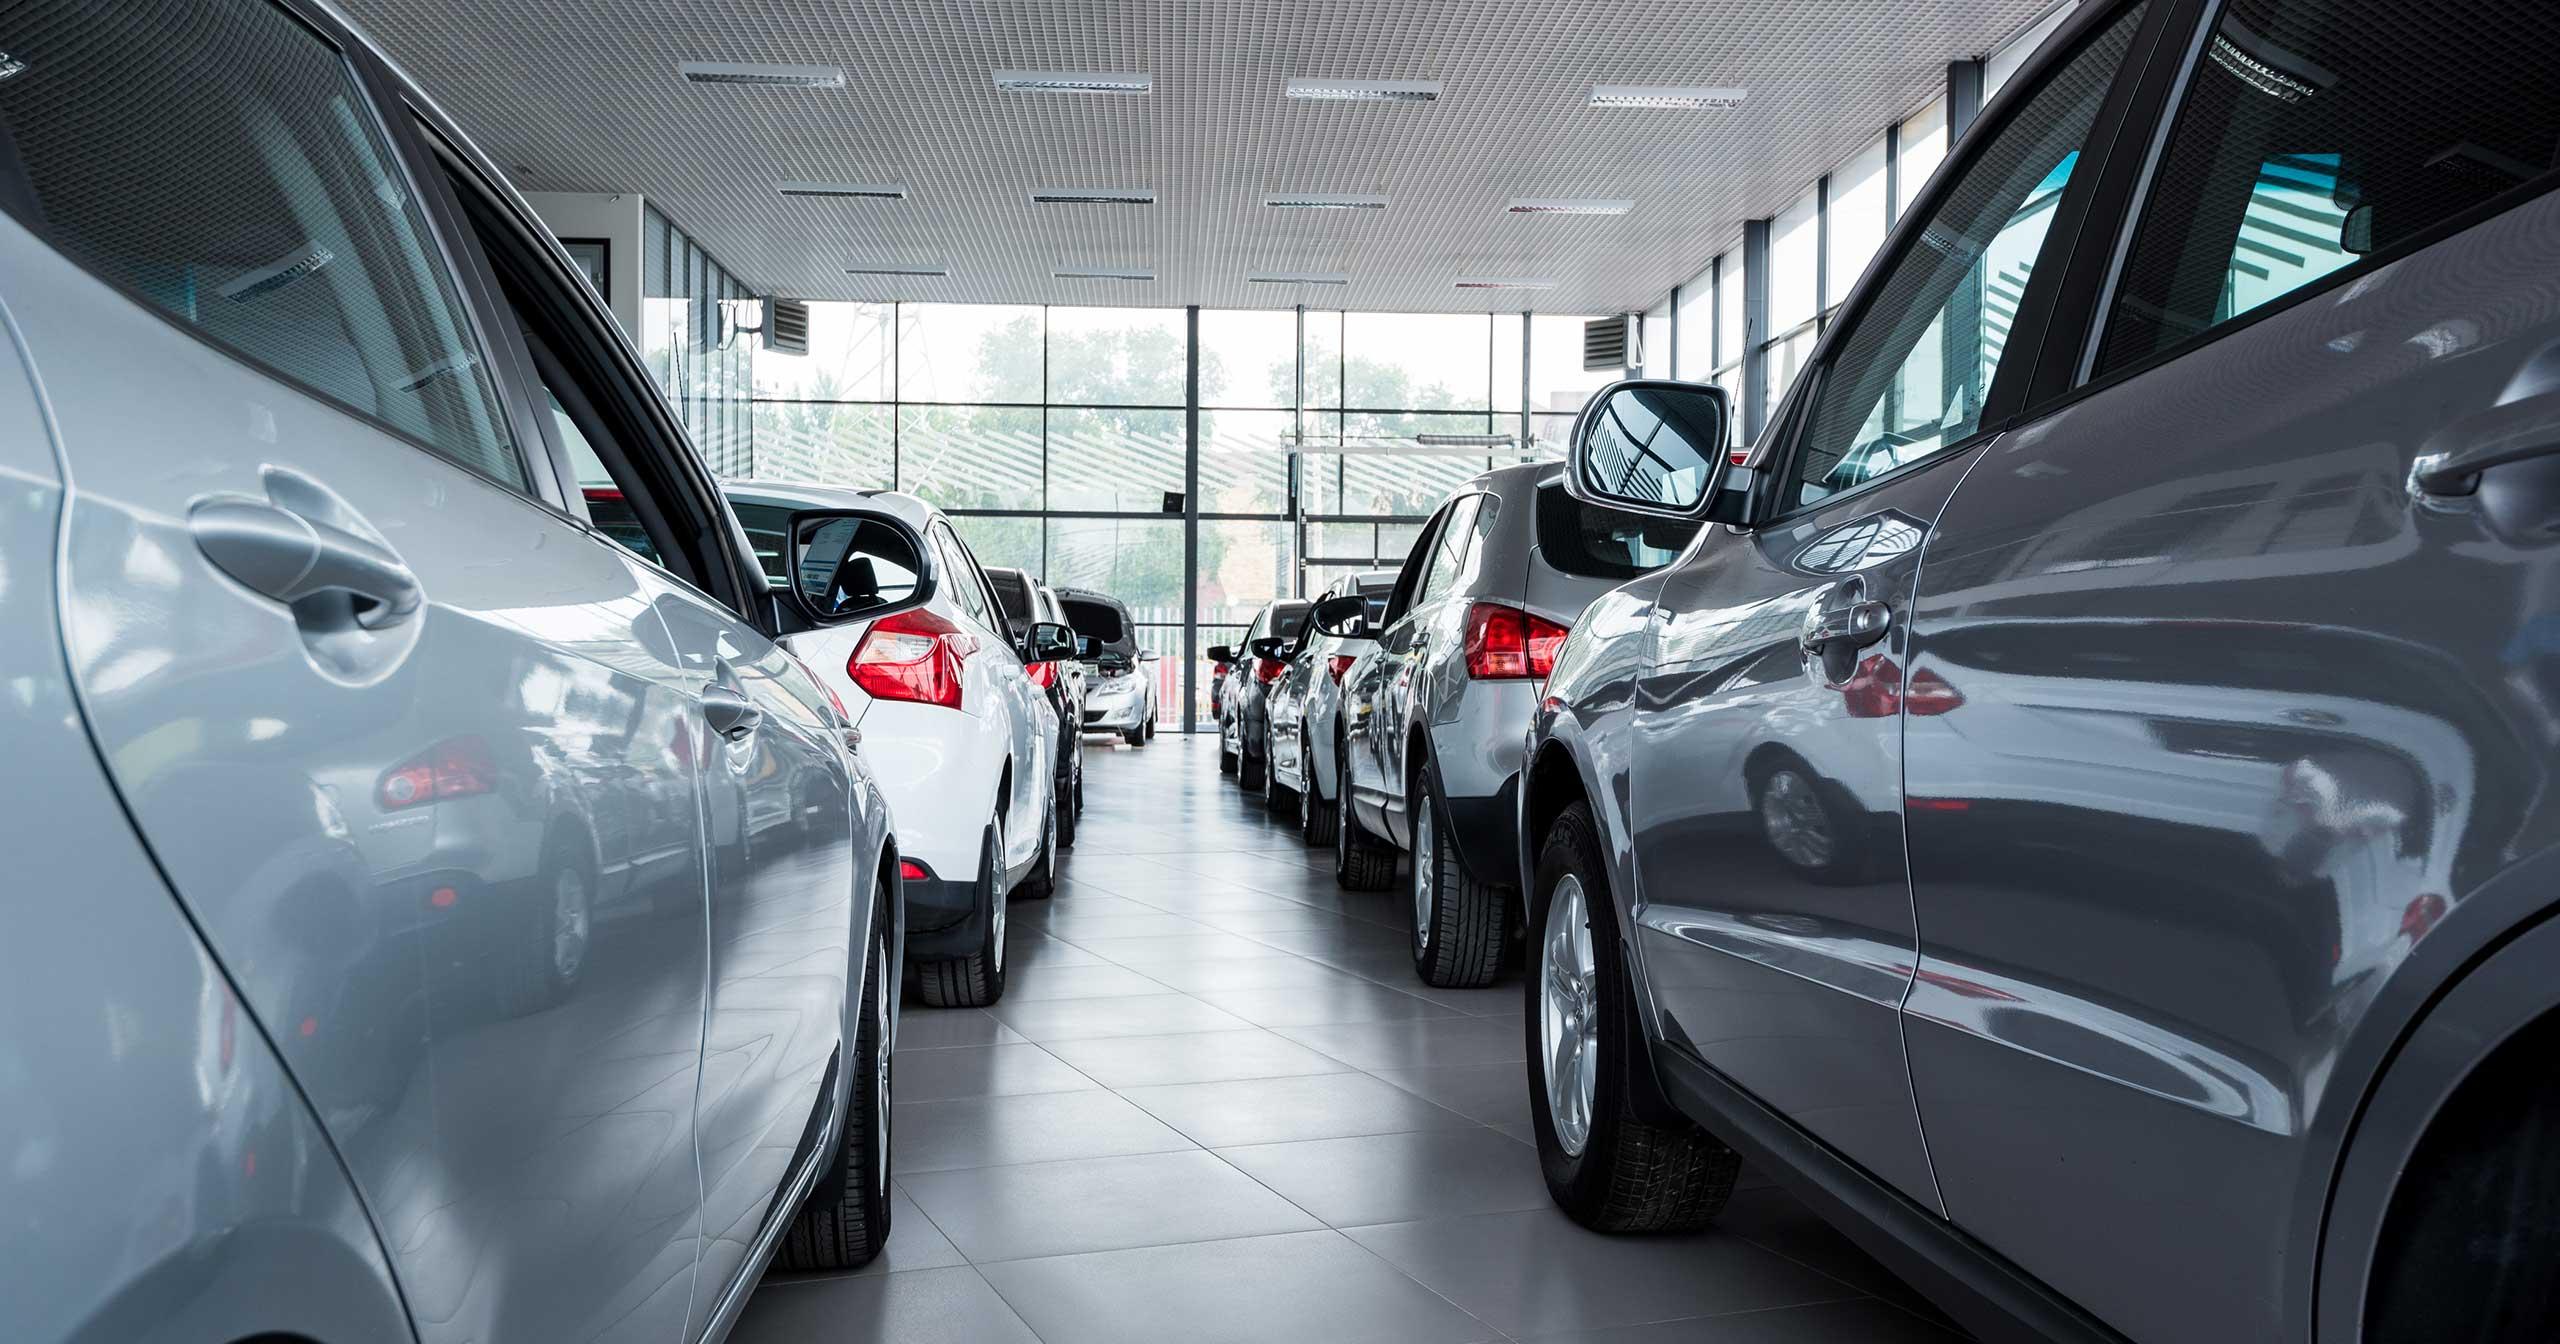 Pesquisa com consumidores sobre percepções no financiamento de veículos de2018 – México